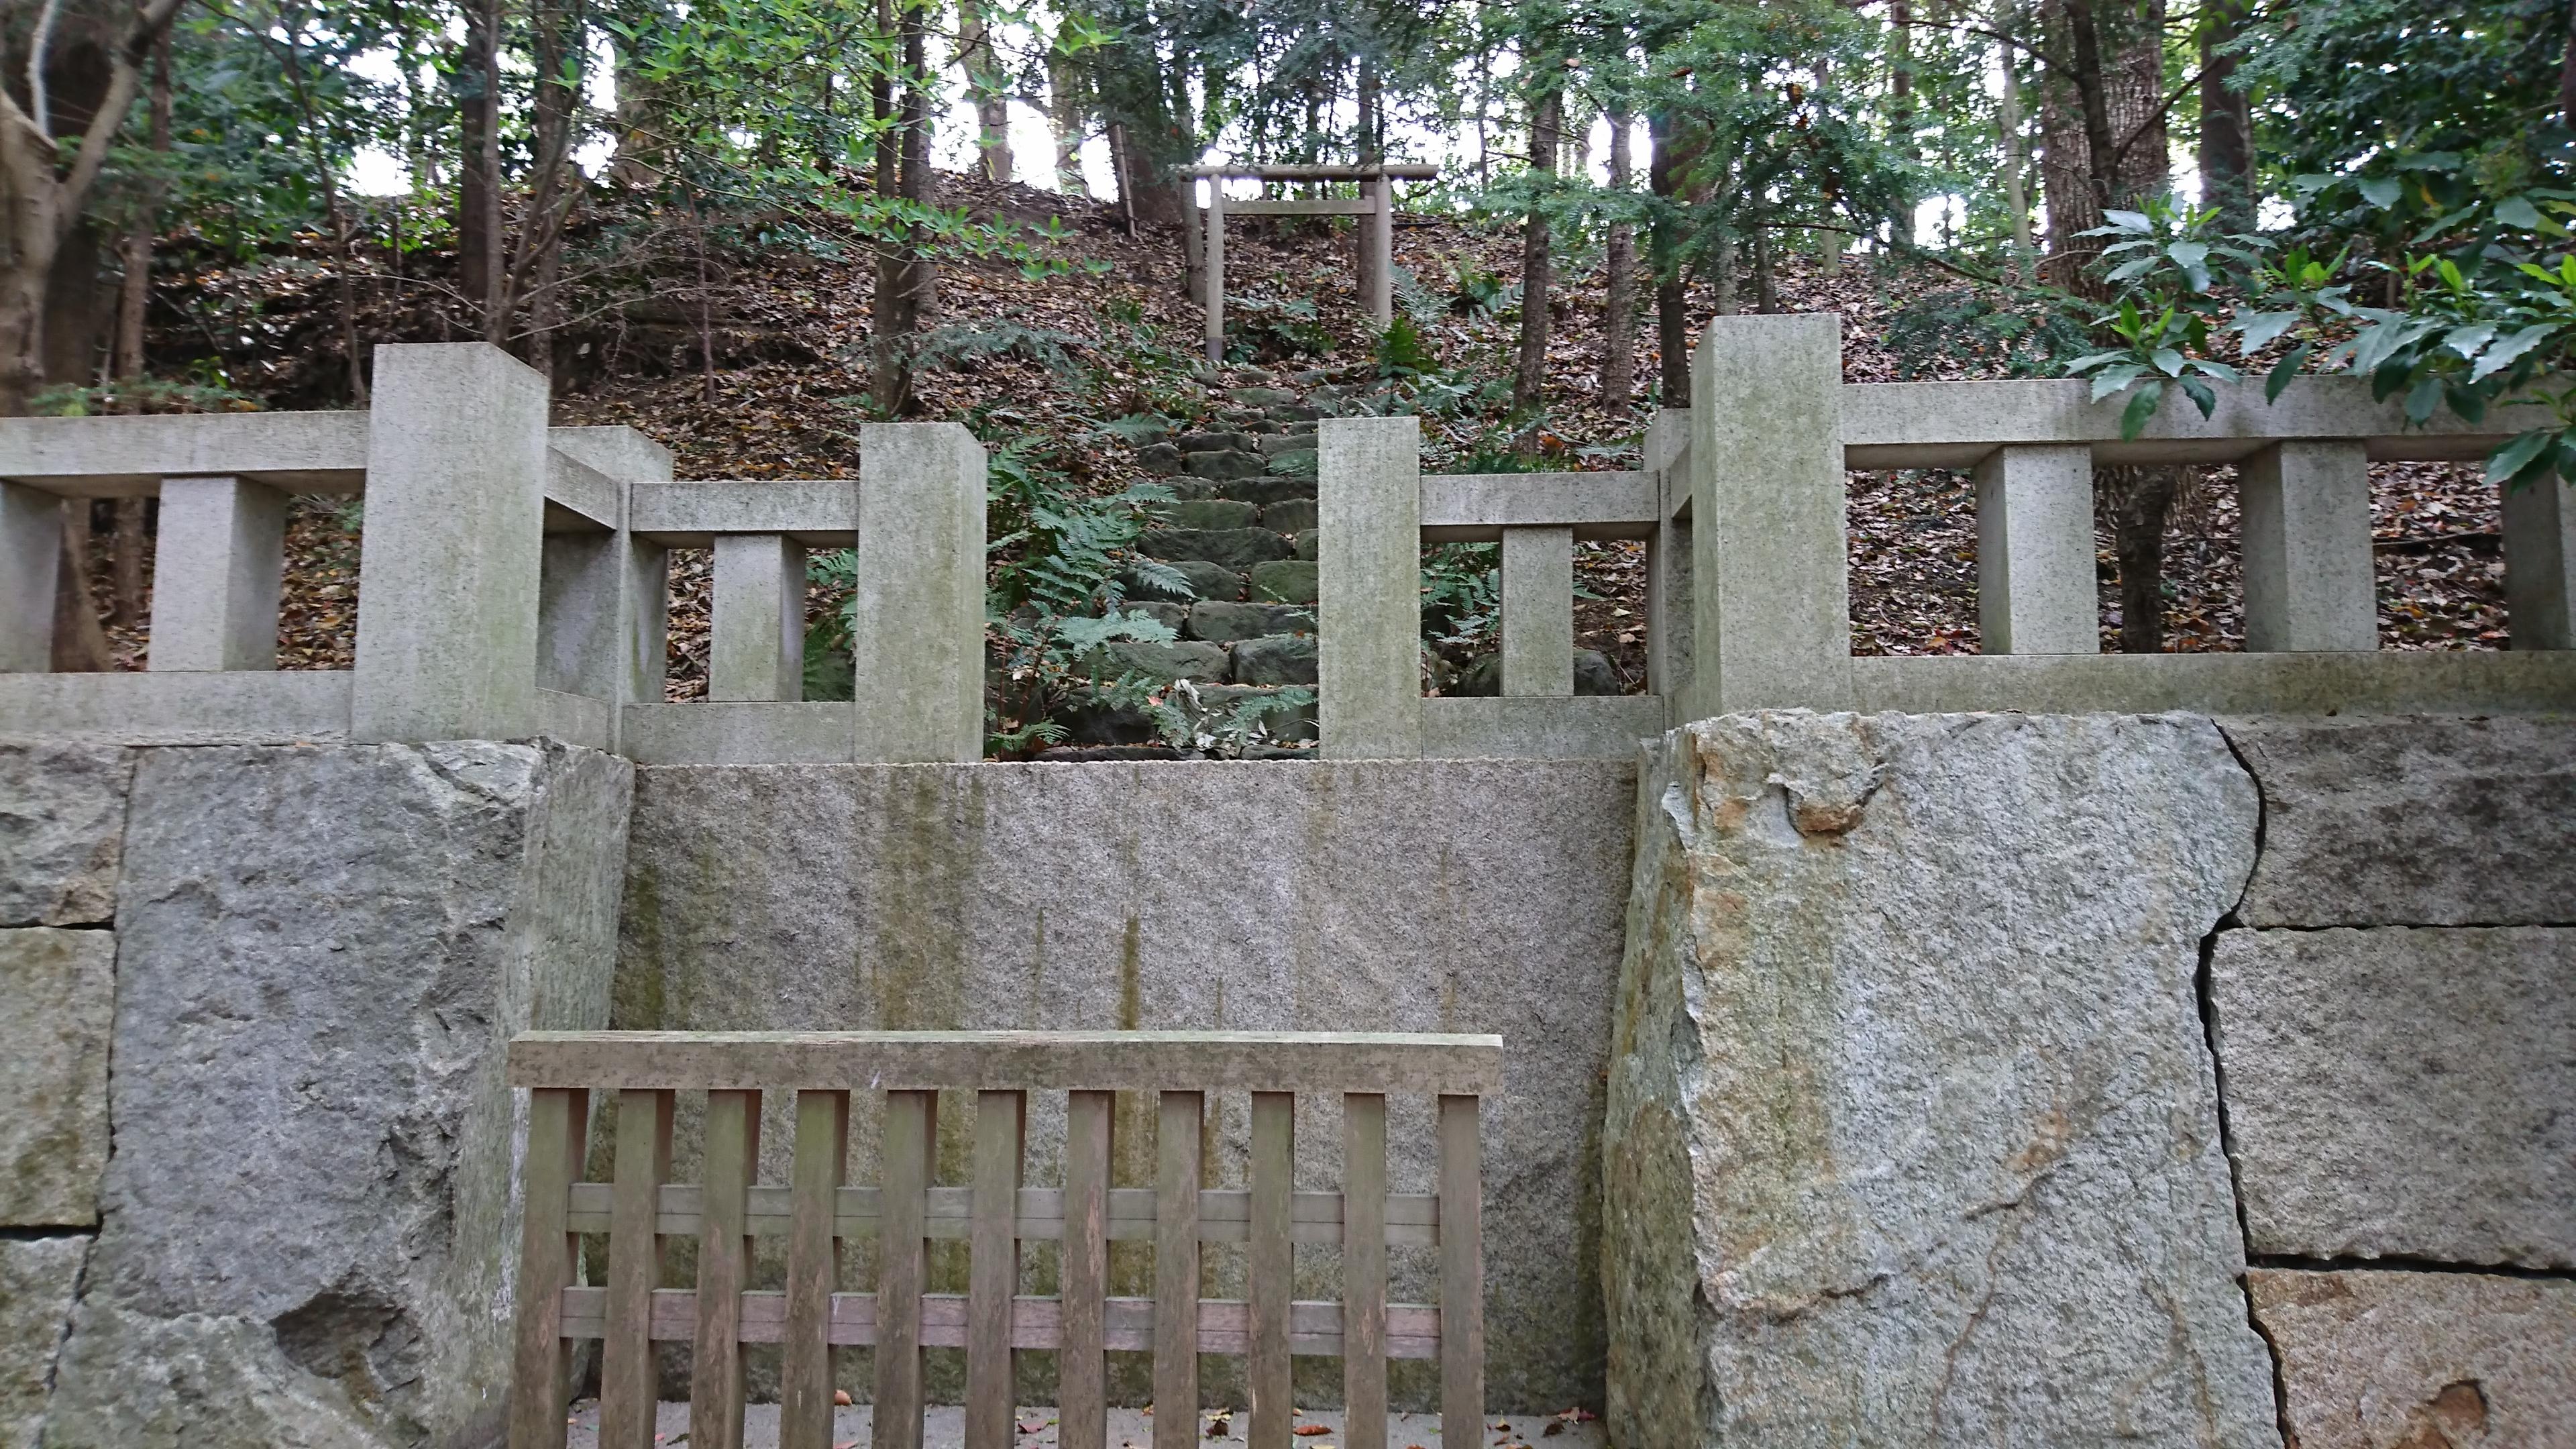 寒川神社の神嶽山神苑にある裏参拝所